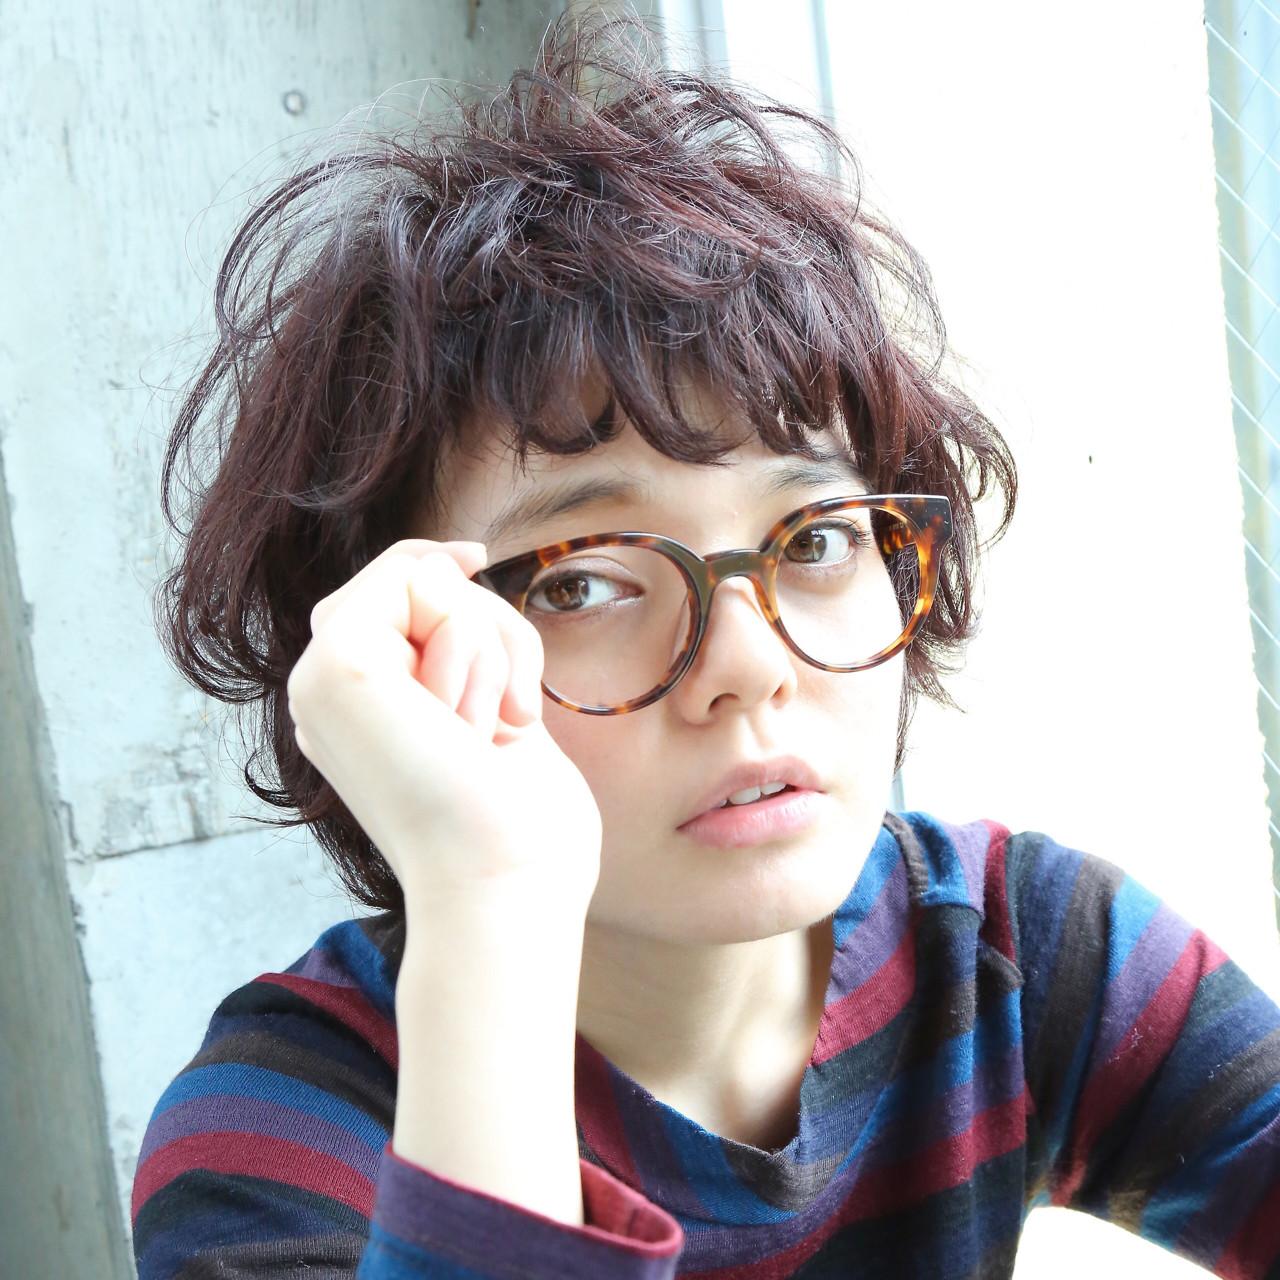 個性を求めて突き進め。「アンチモテヘアスタイル」でなりたい私に。 菊地 武志 / amalo